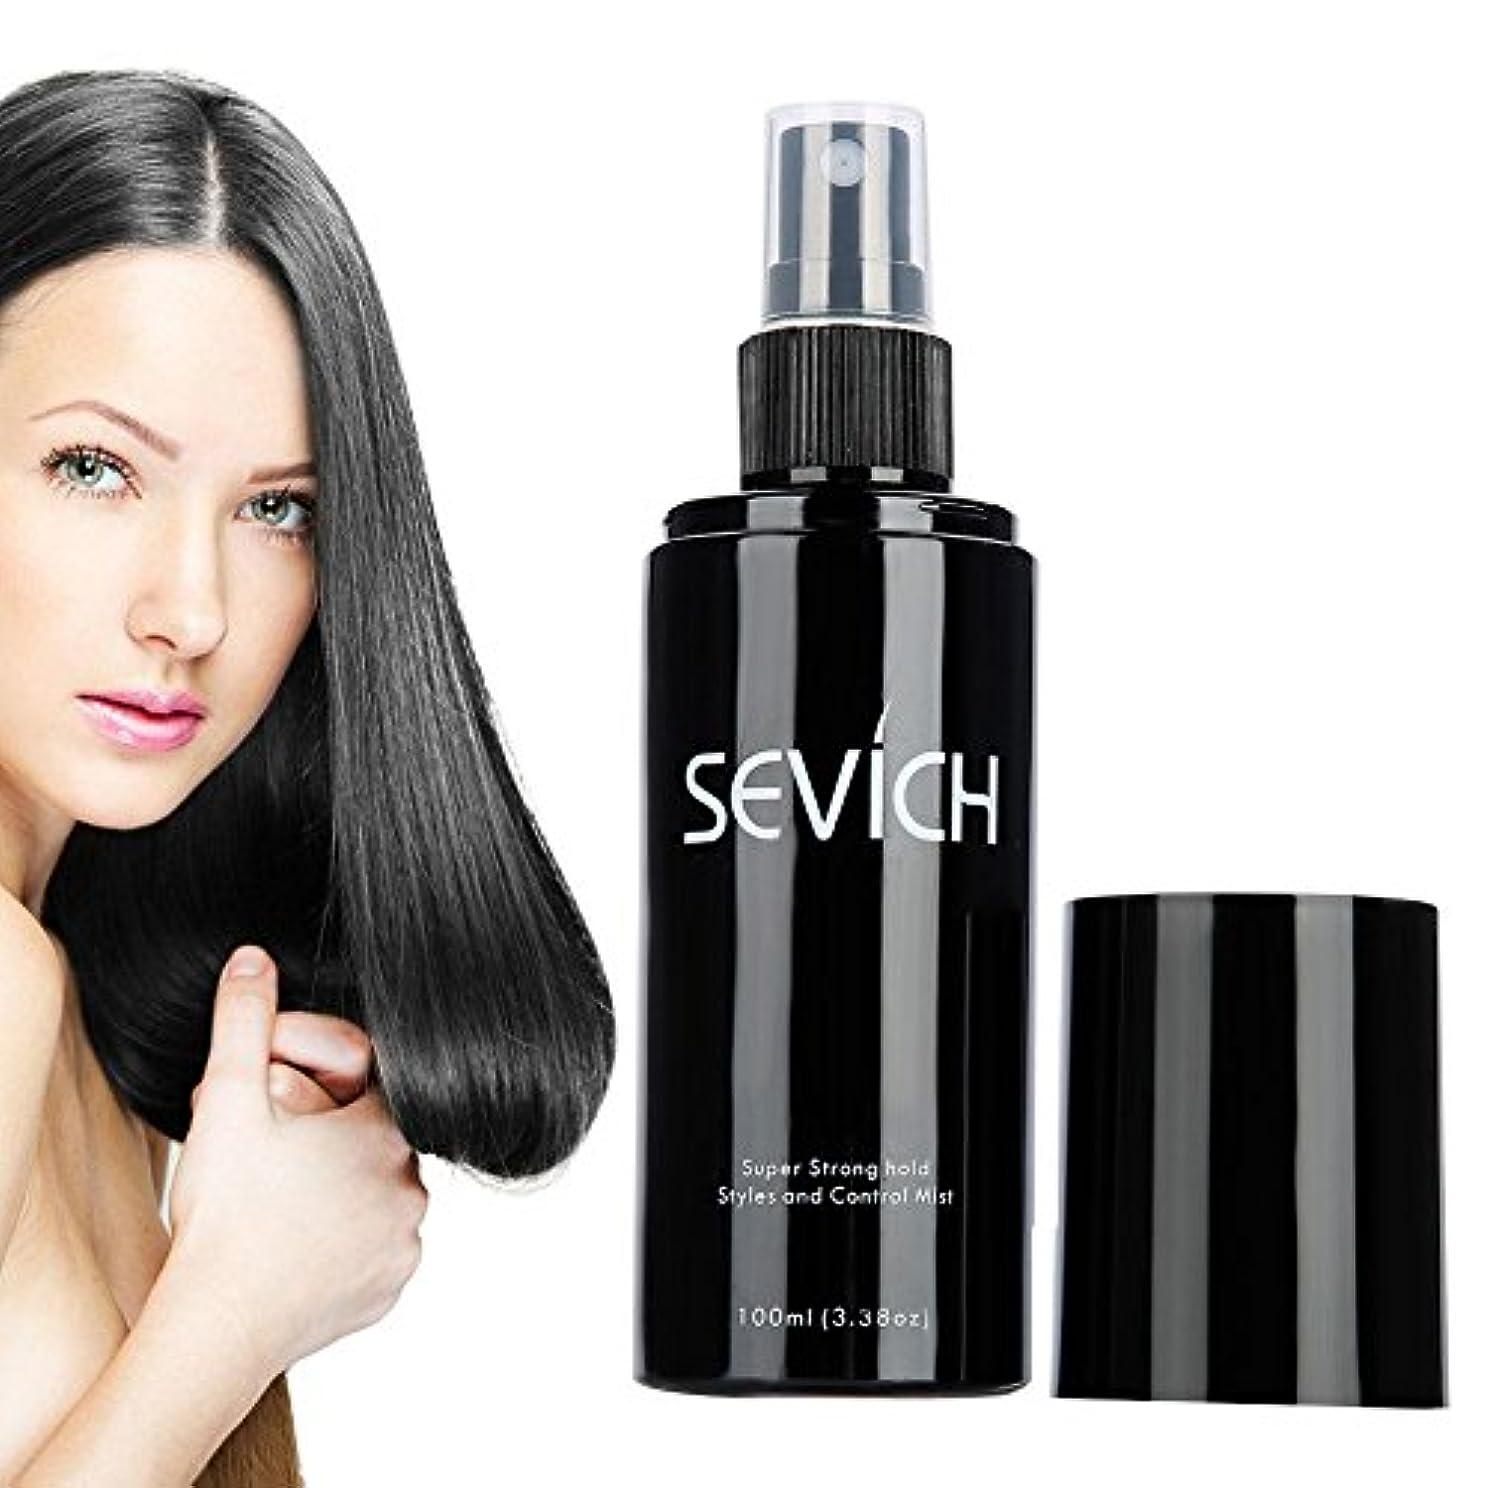 収束ヨーロッパ矛盾するスプレーヘア育毛剤、スプレーヘアケアケラチン繊維 黒と濃密になる 男女兼用 100ml